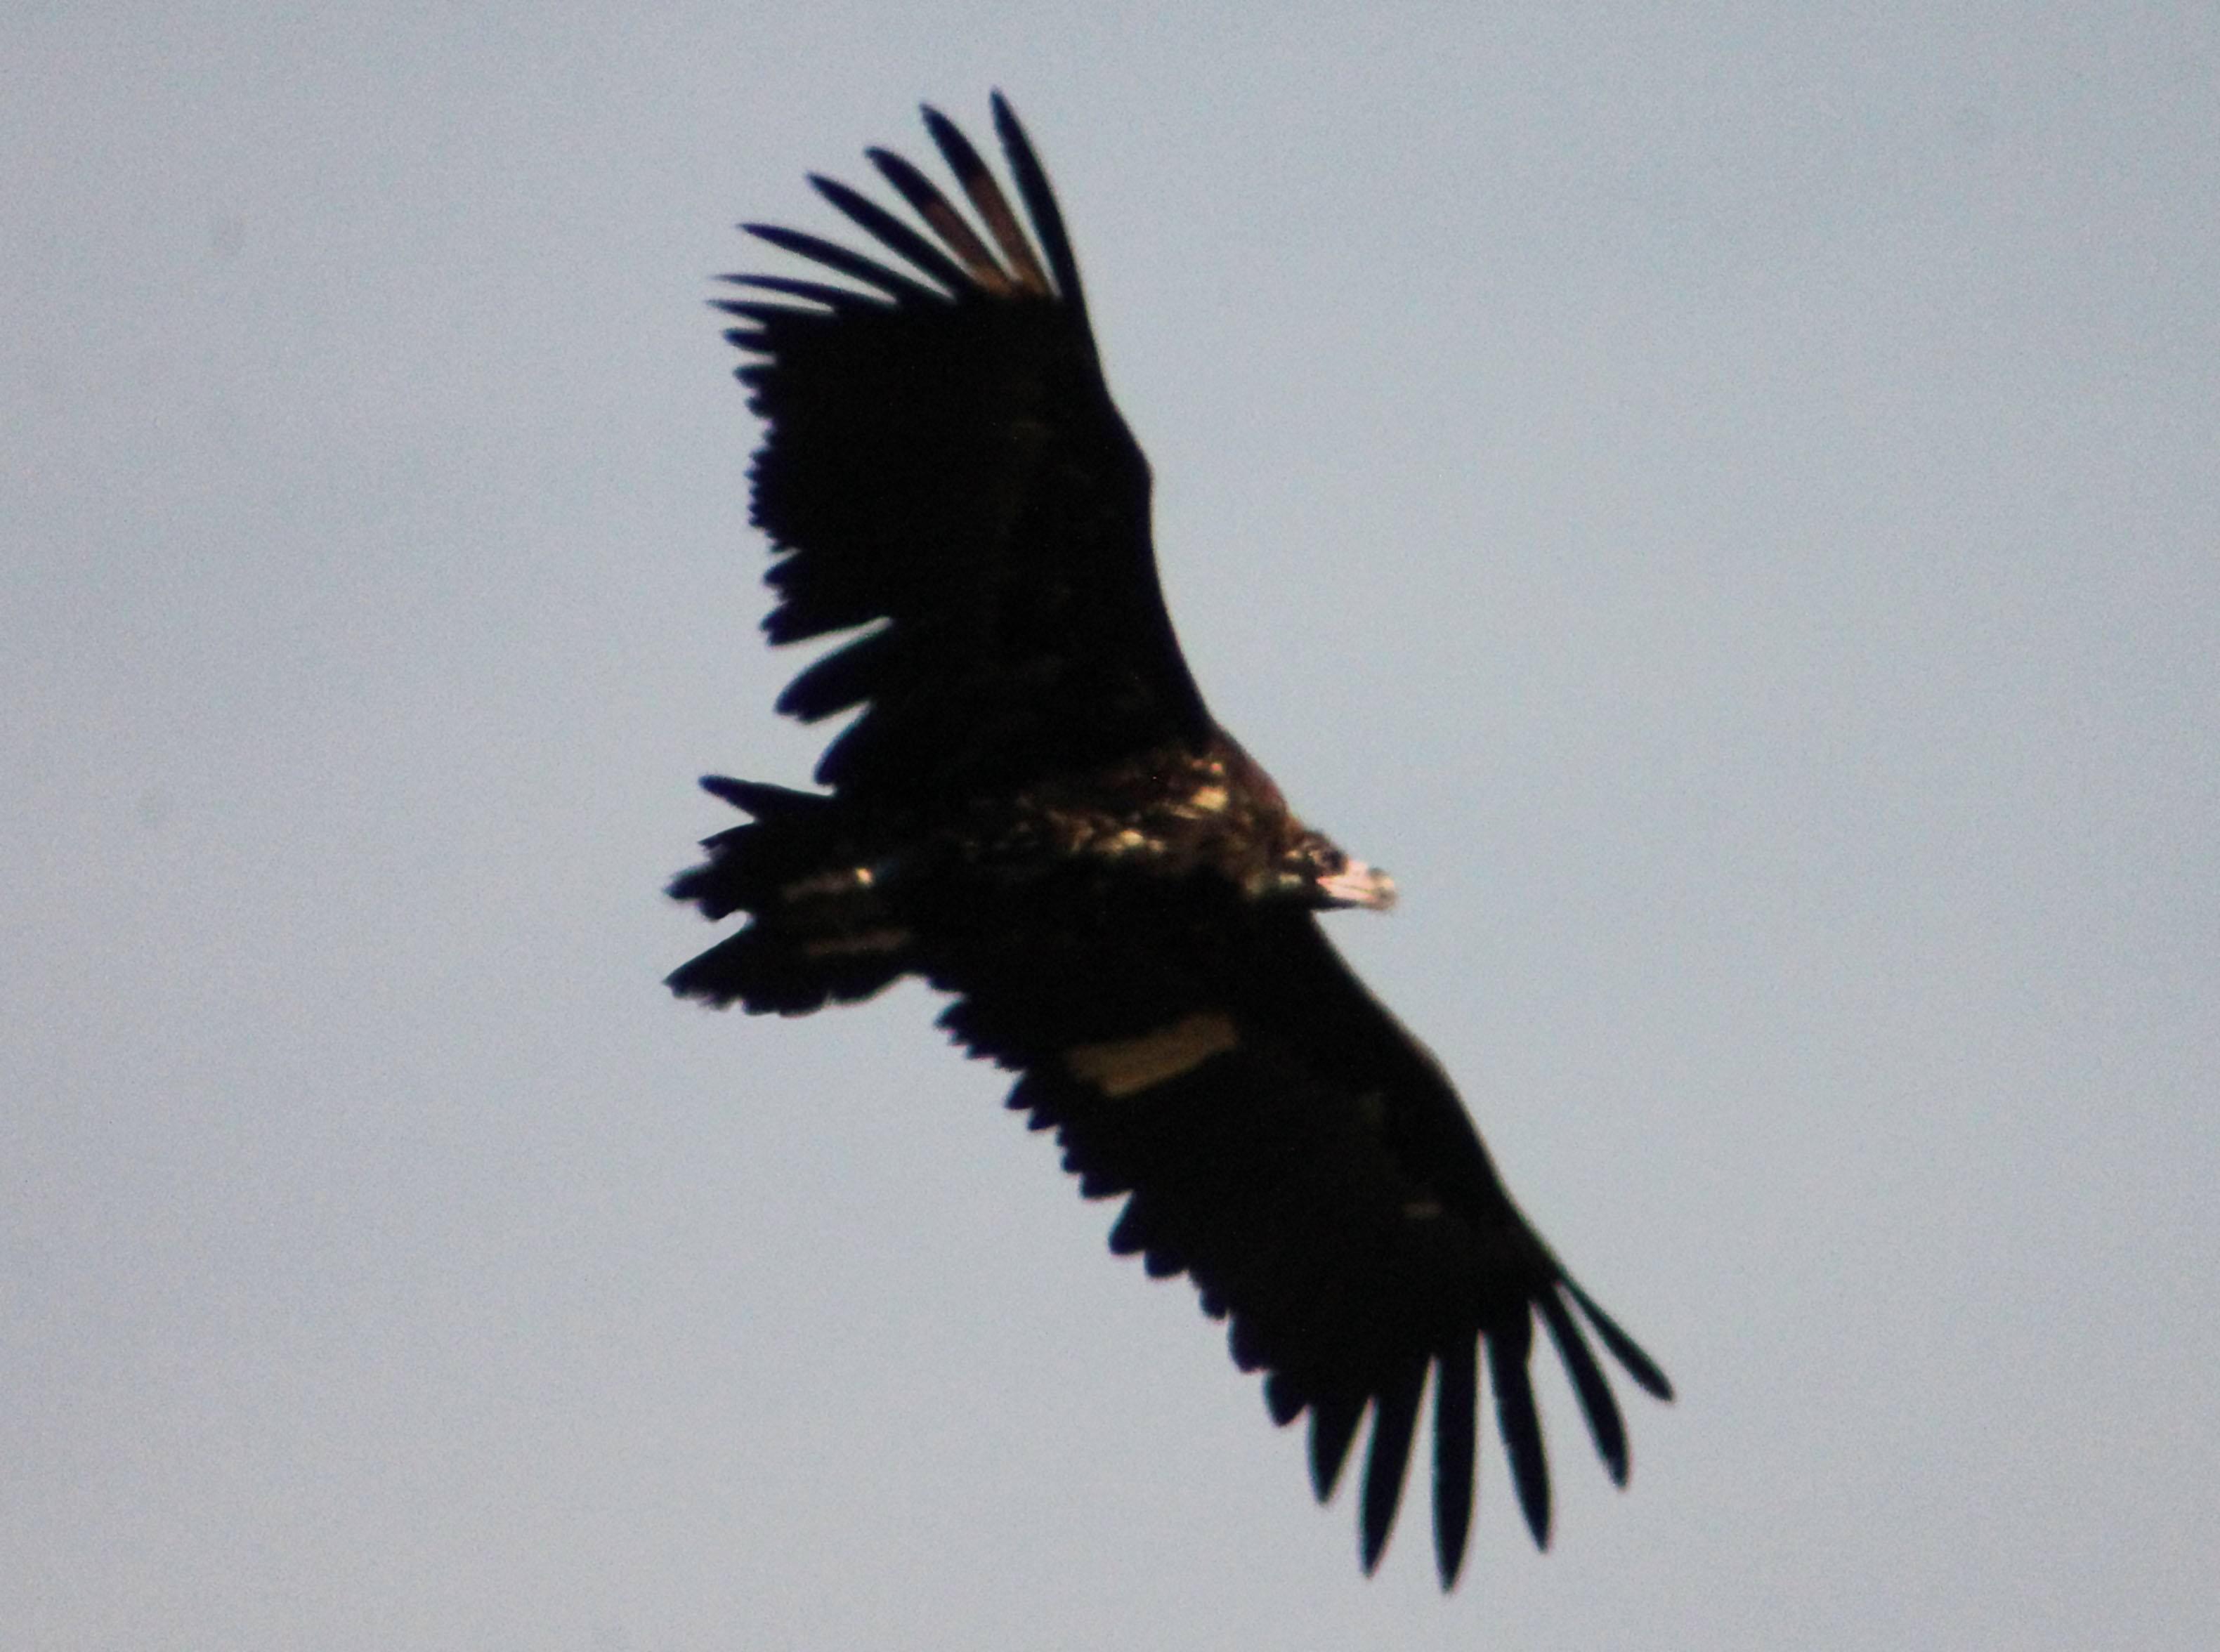 Buitre negro en vuelo (Corleone) tras ser liberado ayer en la Sierra de la Demanda. Imagen: Javier Otal